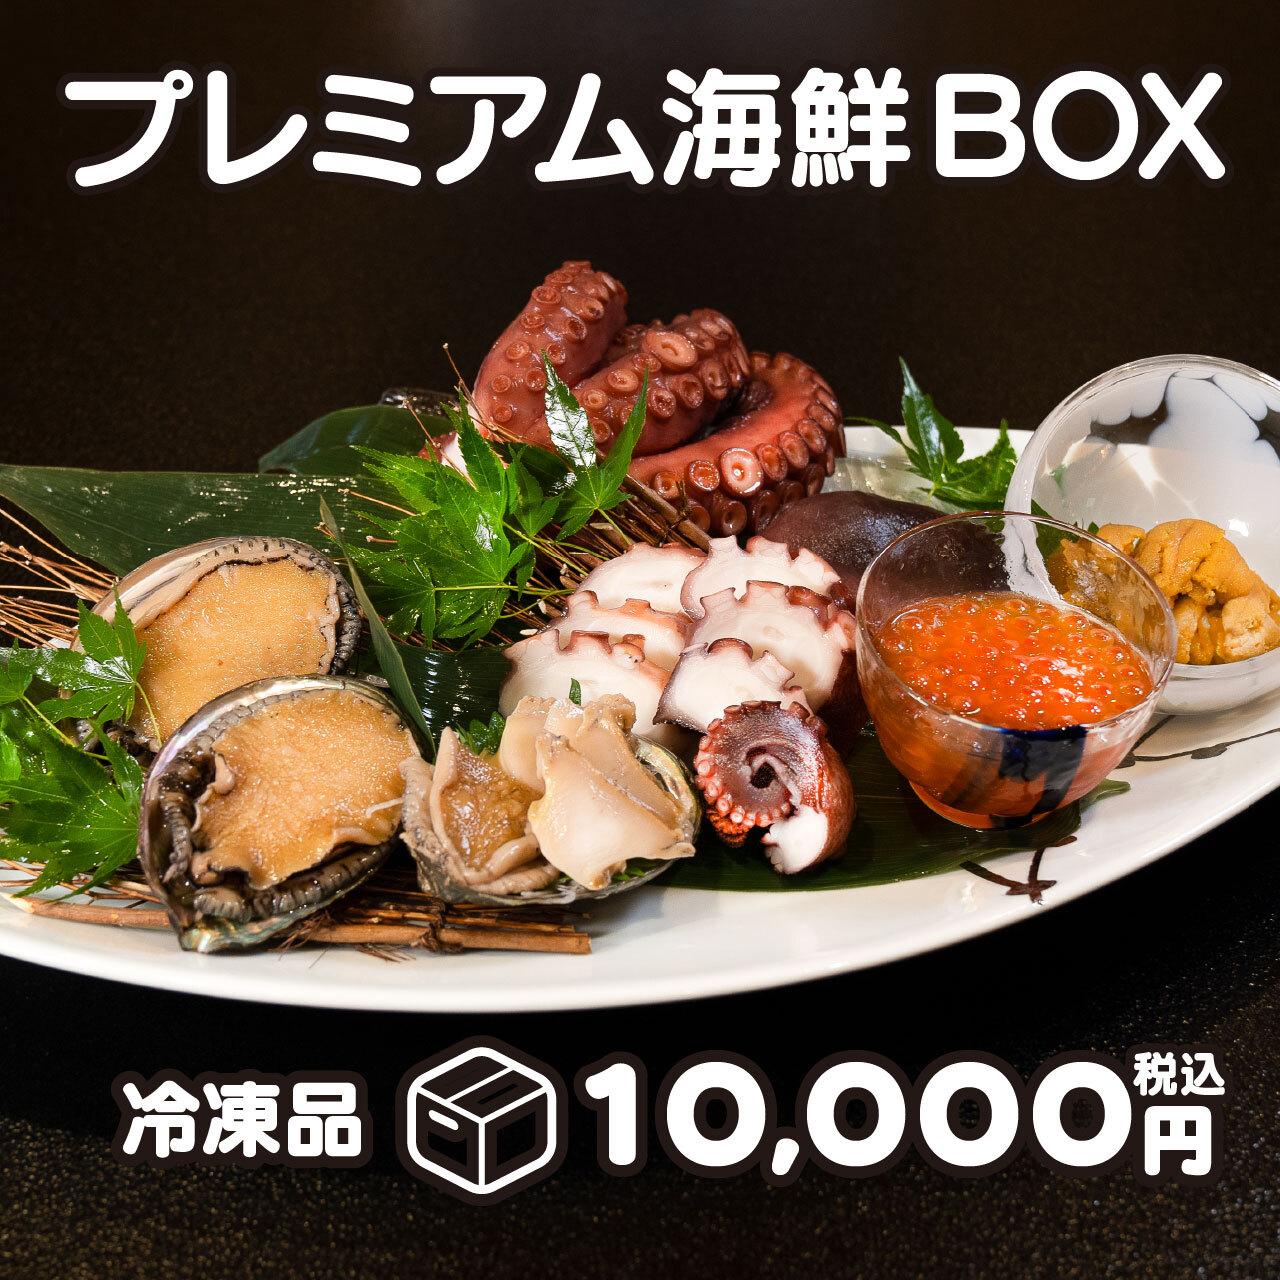 プレミアム海鮮BOX